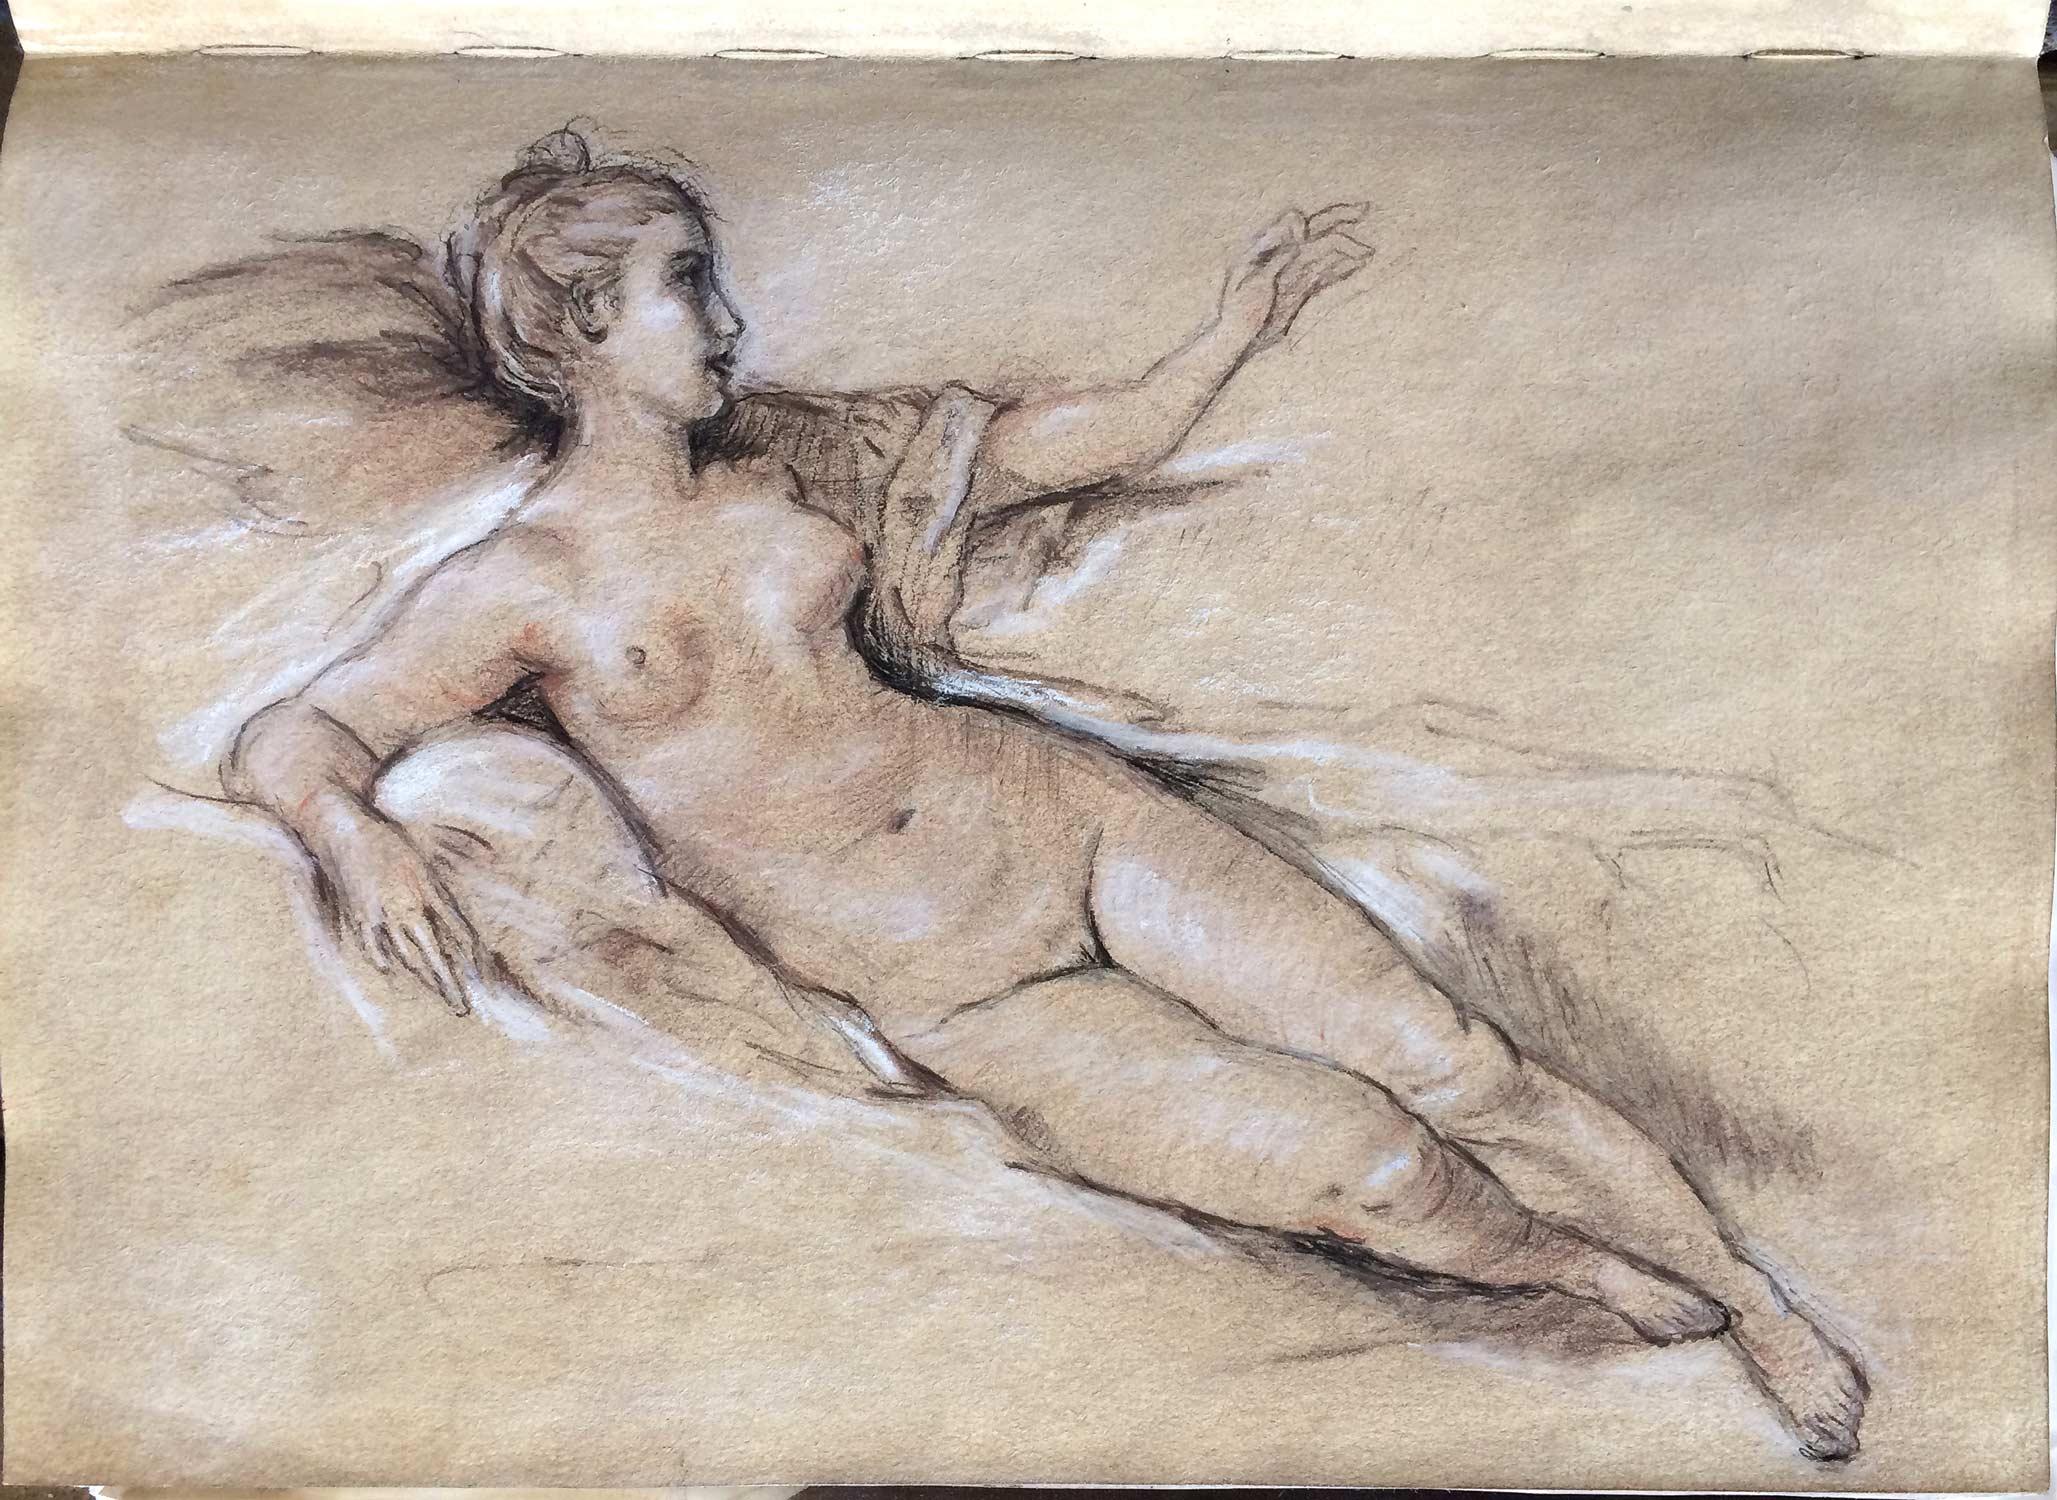 Femme-couchée-nue.jpg